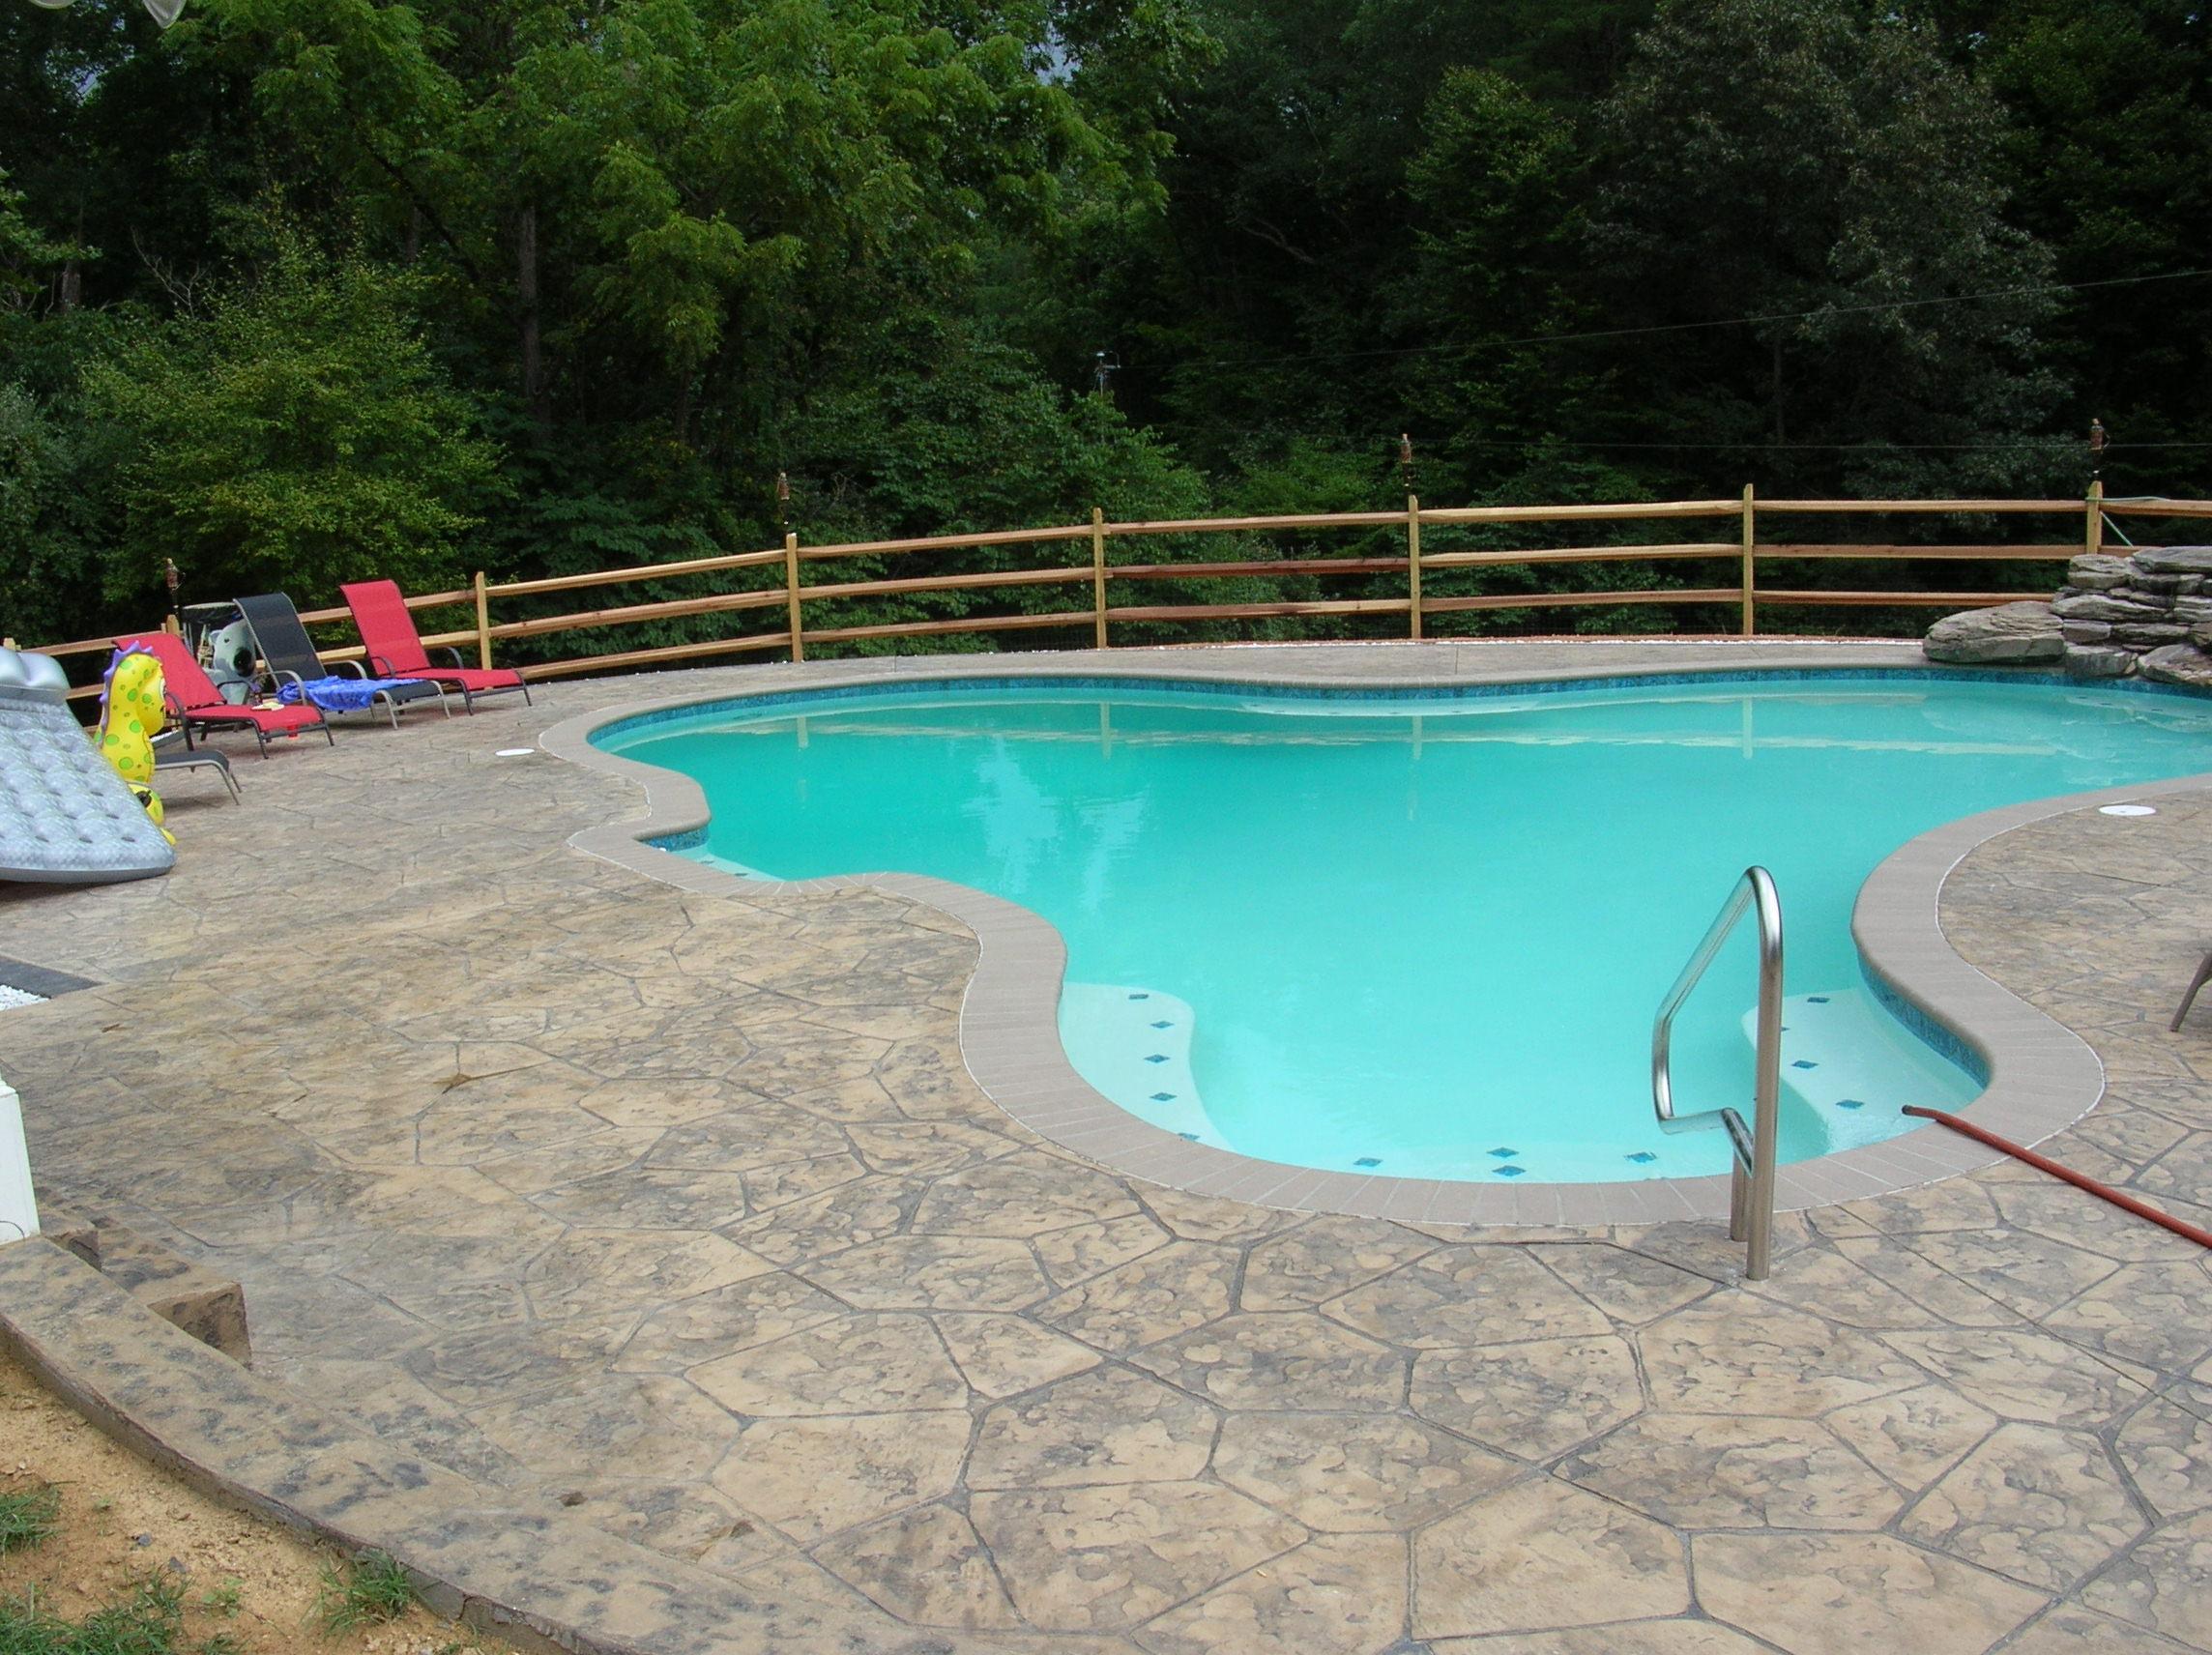 Sunrise premier pools of va inc in fairfax va 22031 for Premier pools